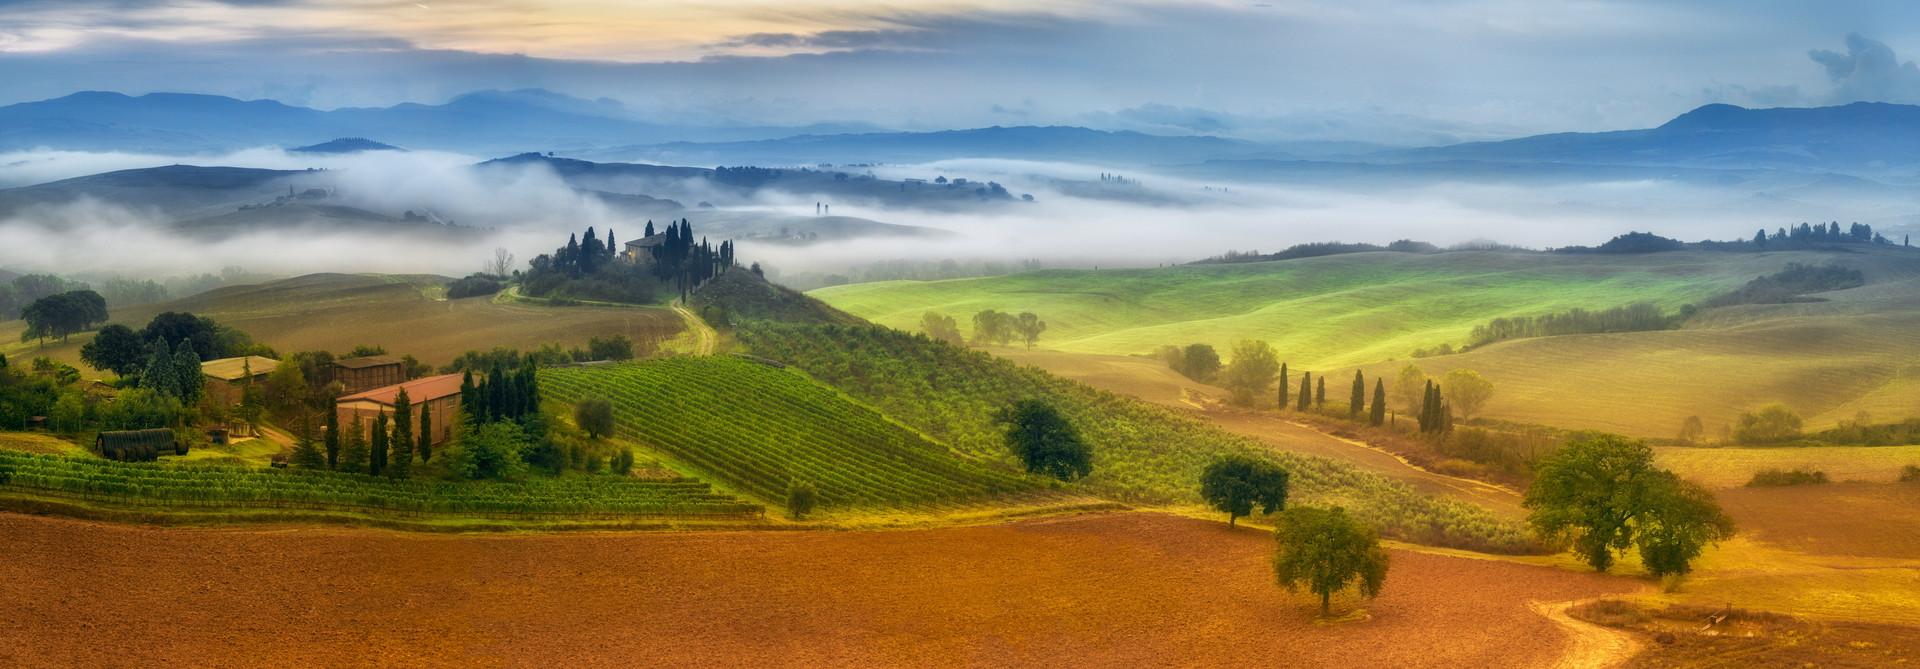 Golfen & Wein in der Toskana